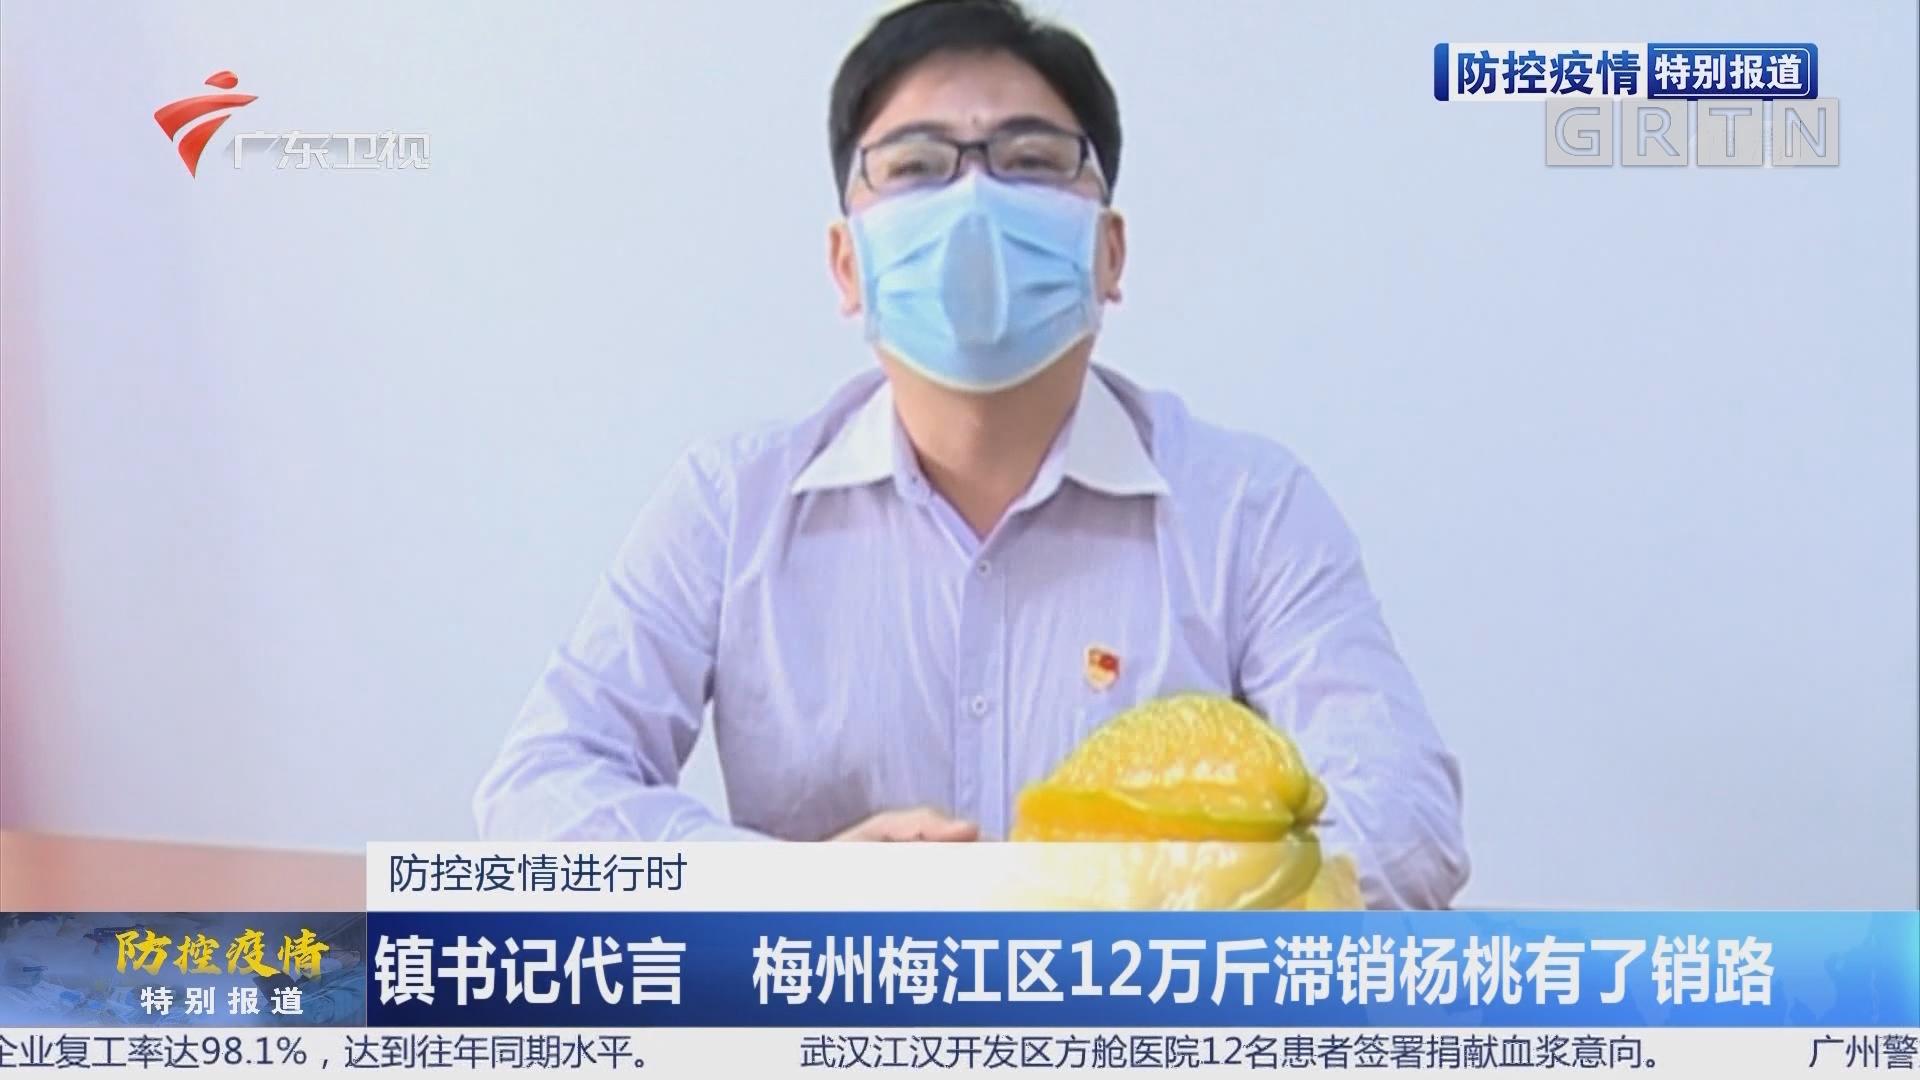 防控疫情进行时:镇书记代言 梅州梅江区12万斤滞销杨桃有了销路